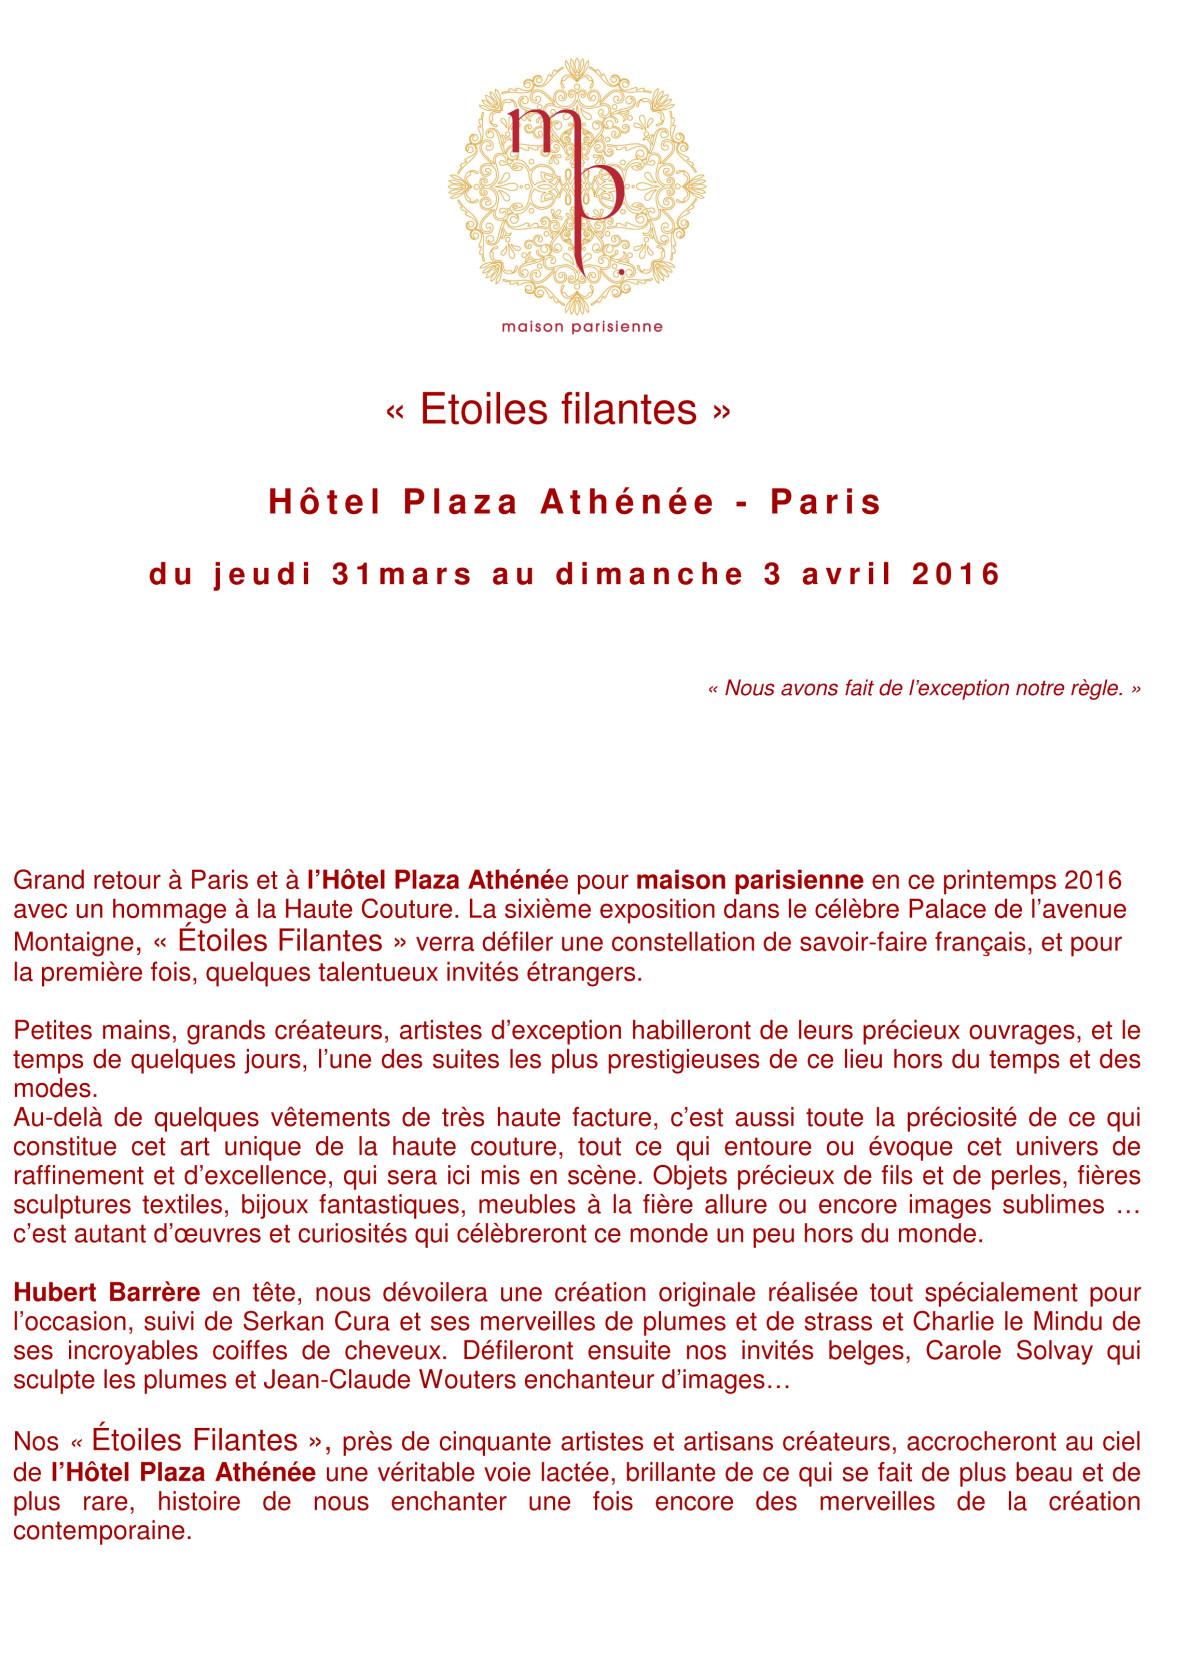 Ludovic AVENEL : ébéniste créateur Paris - Communiqué Etoiles Filantes Plaza Athénée